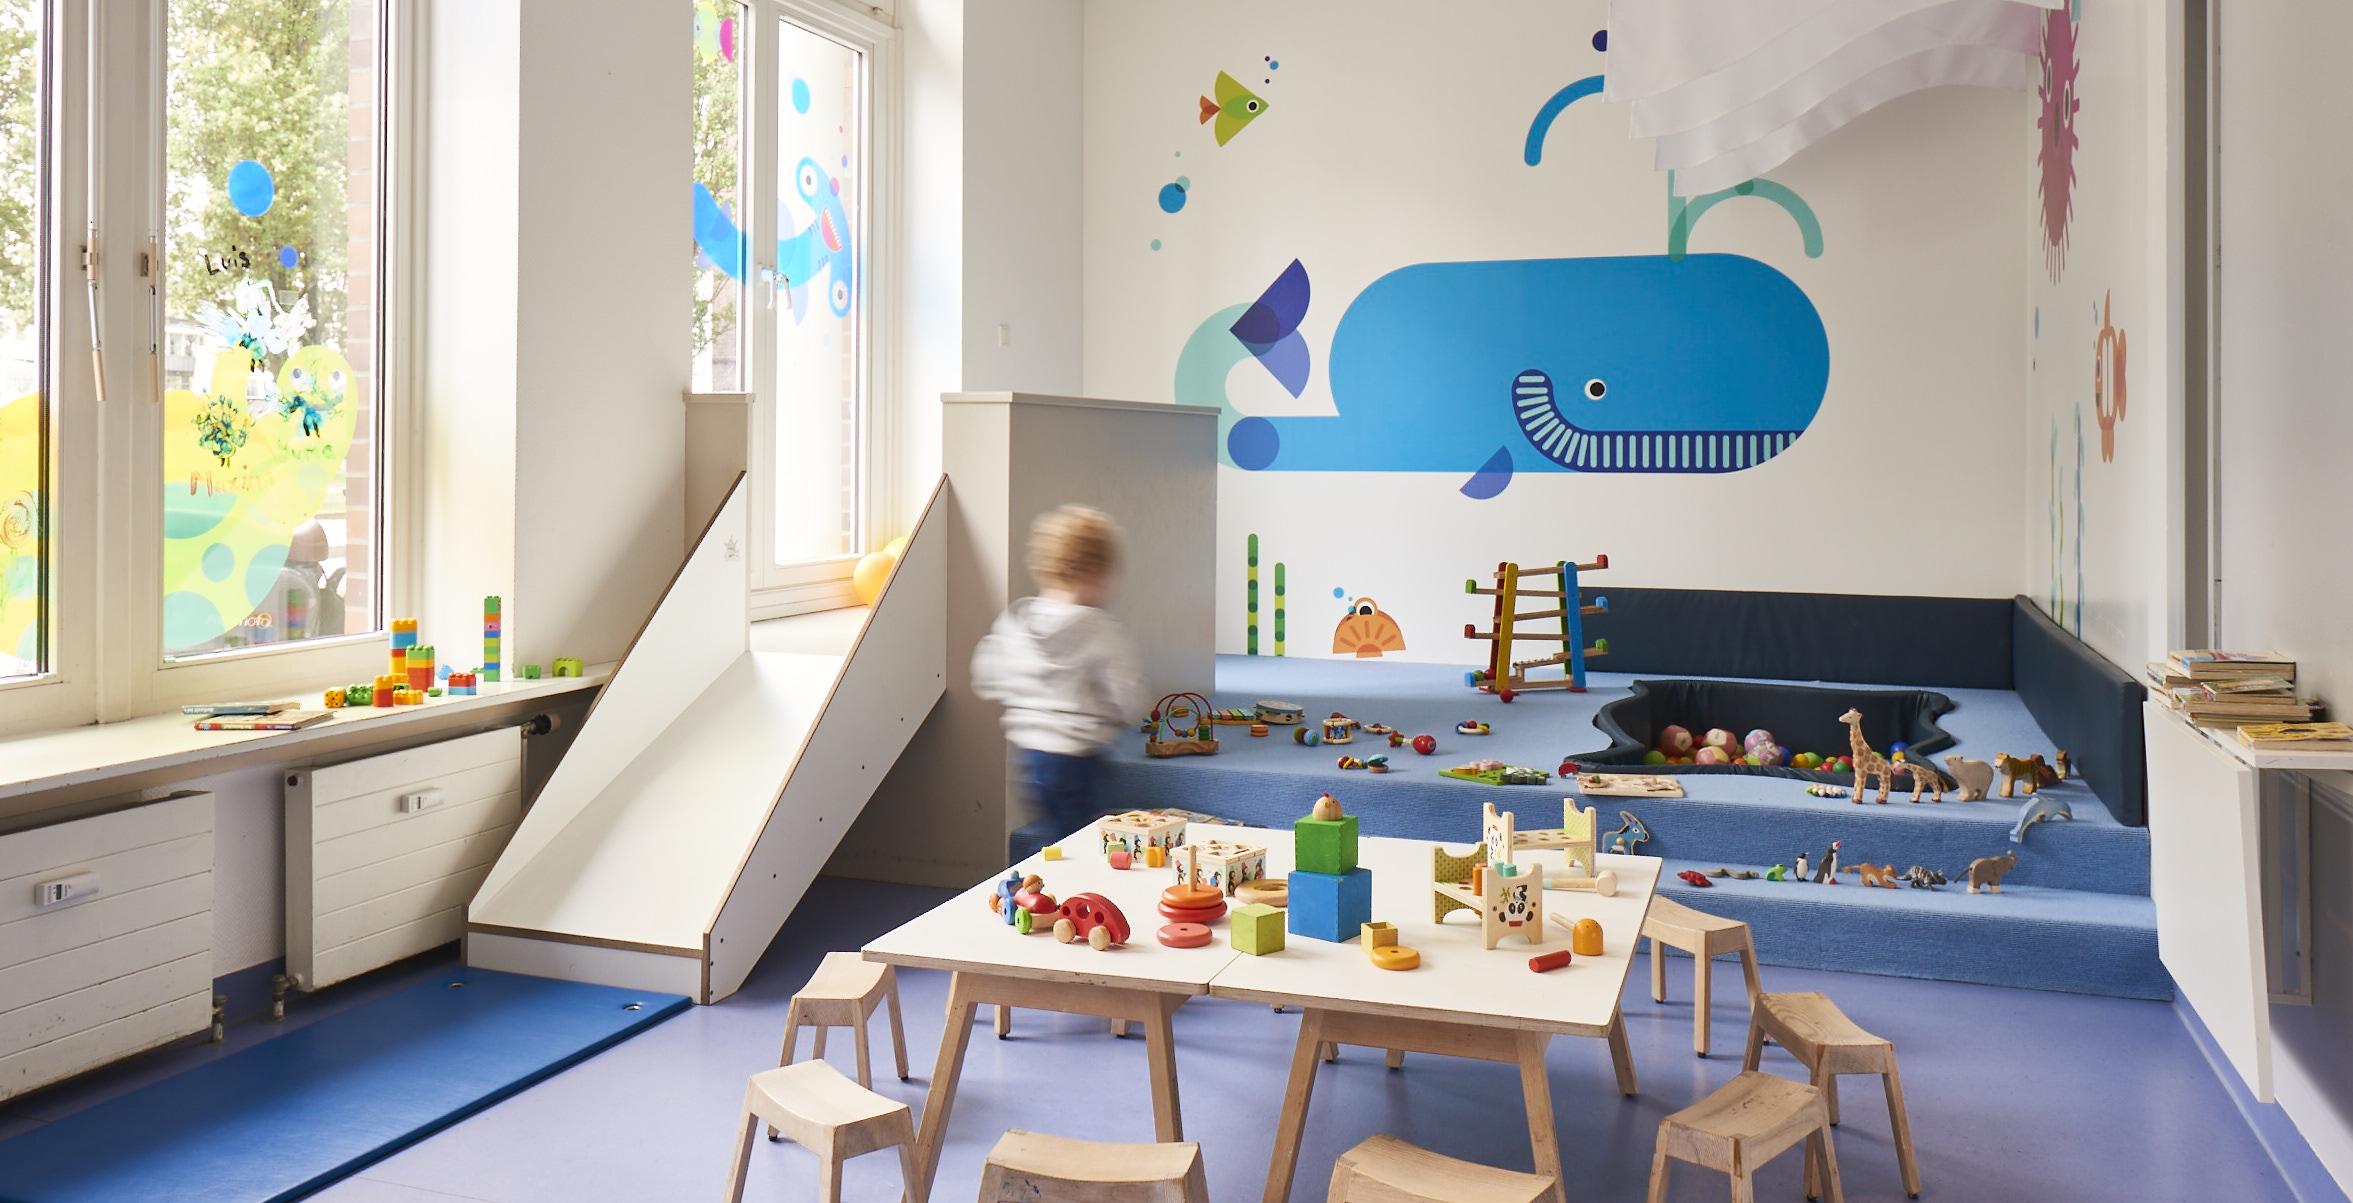 KiTa Kinderzimmer Stubbenhuk Private Kindergärten